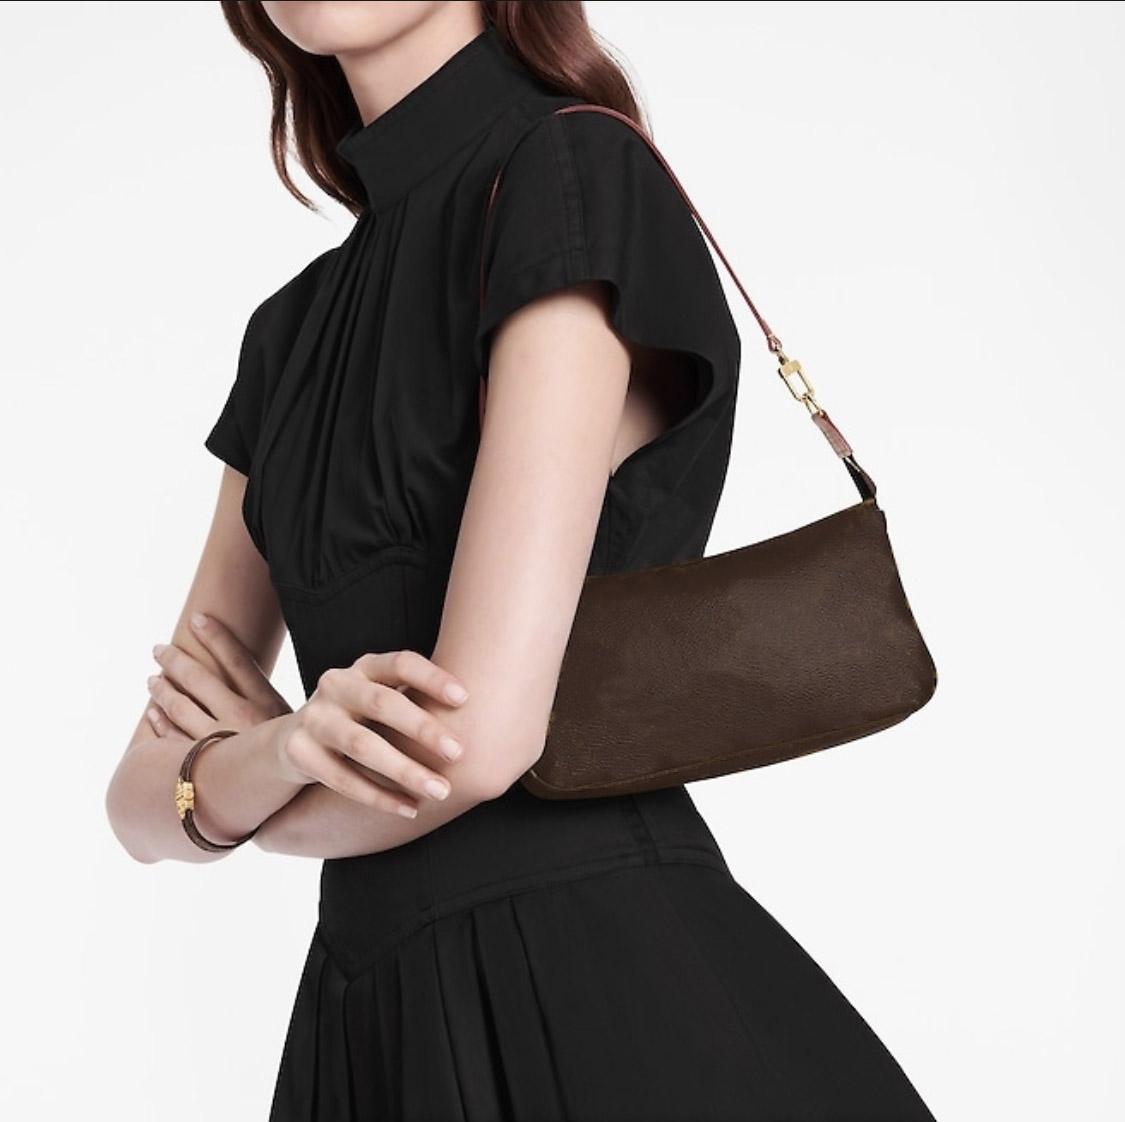 Luxurys 디자이너 가방 Tote 2021 새로운 Cleo 겨드랑이 가방 어깨 가방 지갑 핸드백 지갑 여성 크로스 바디 가방 배낭 가죽 가방